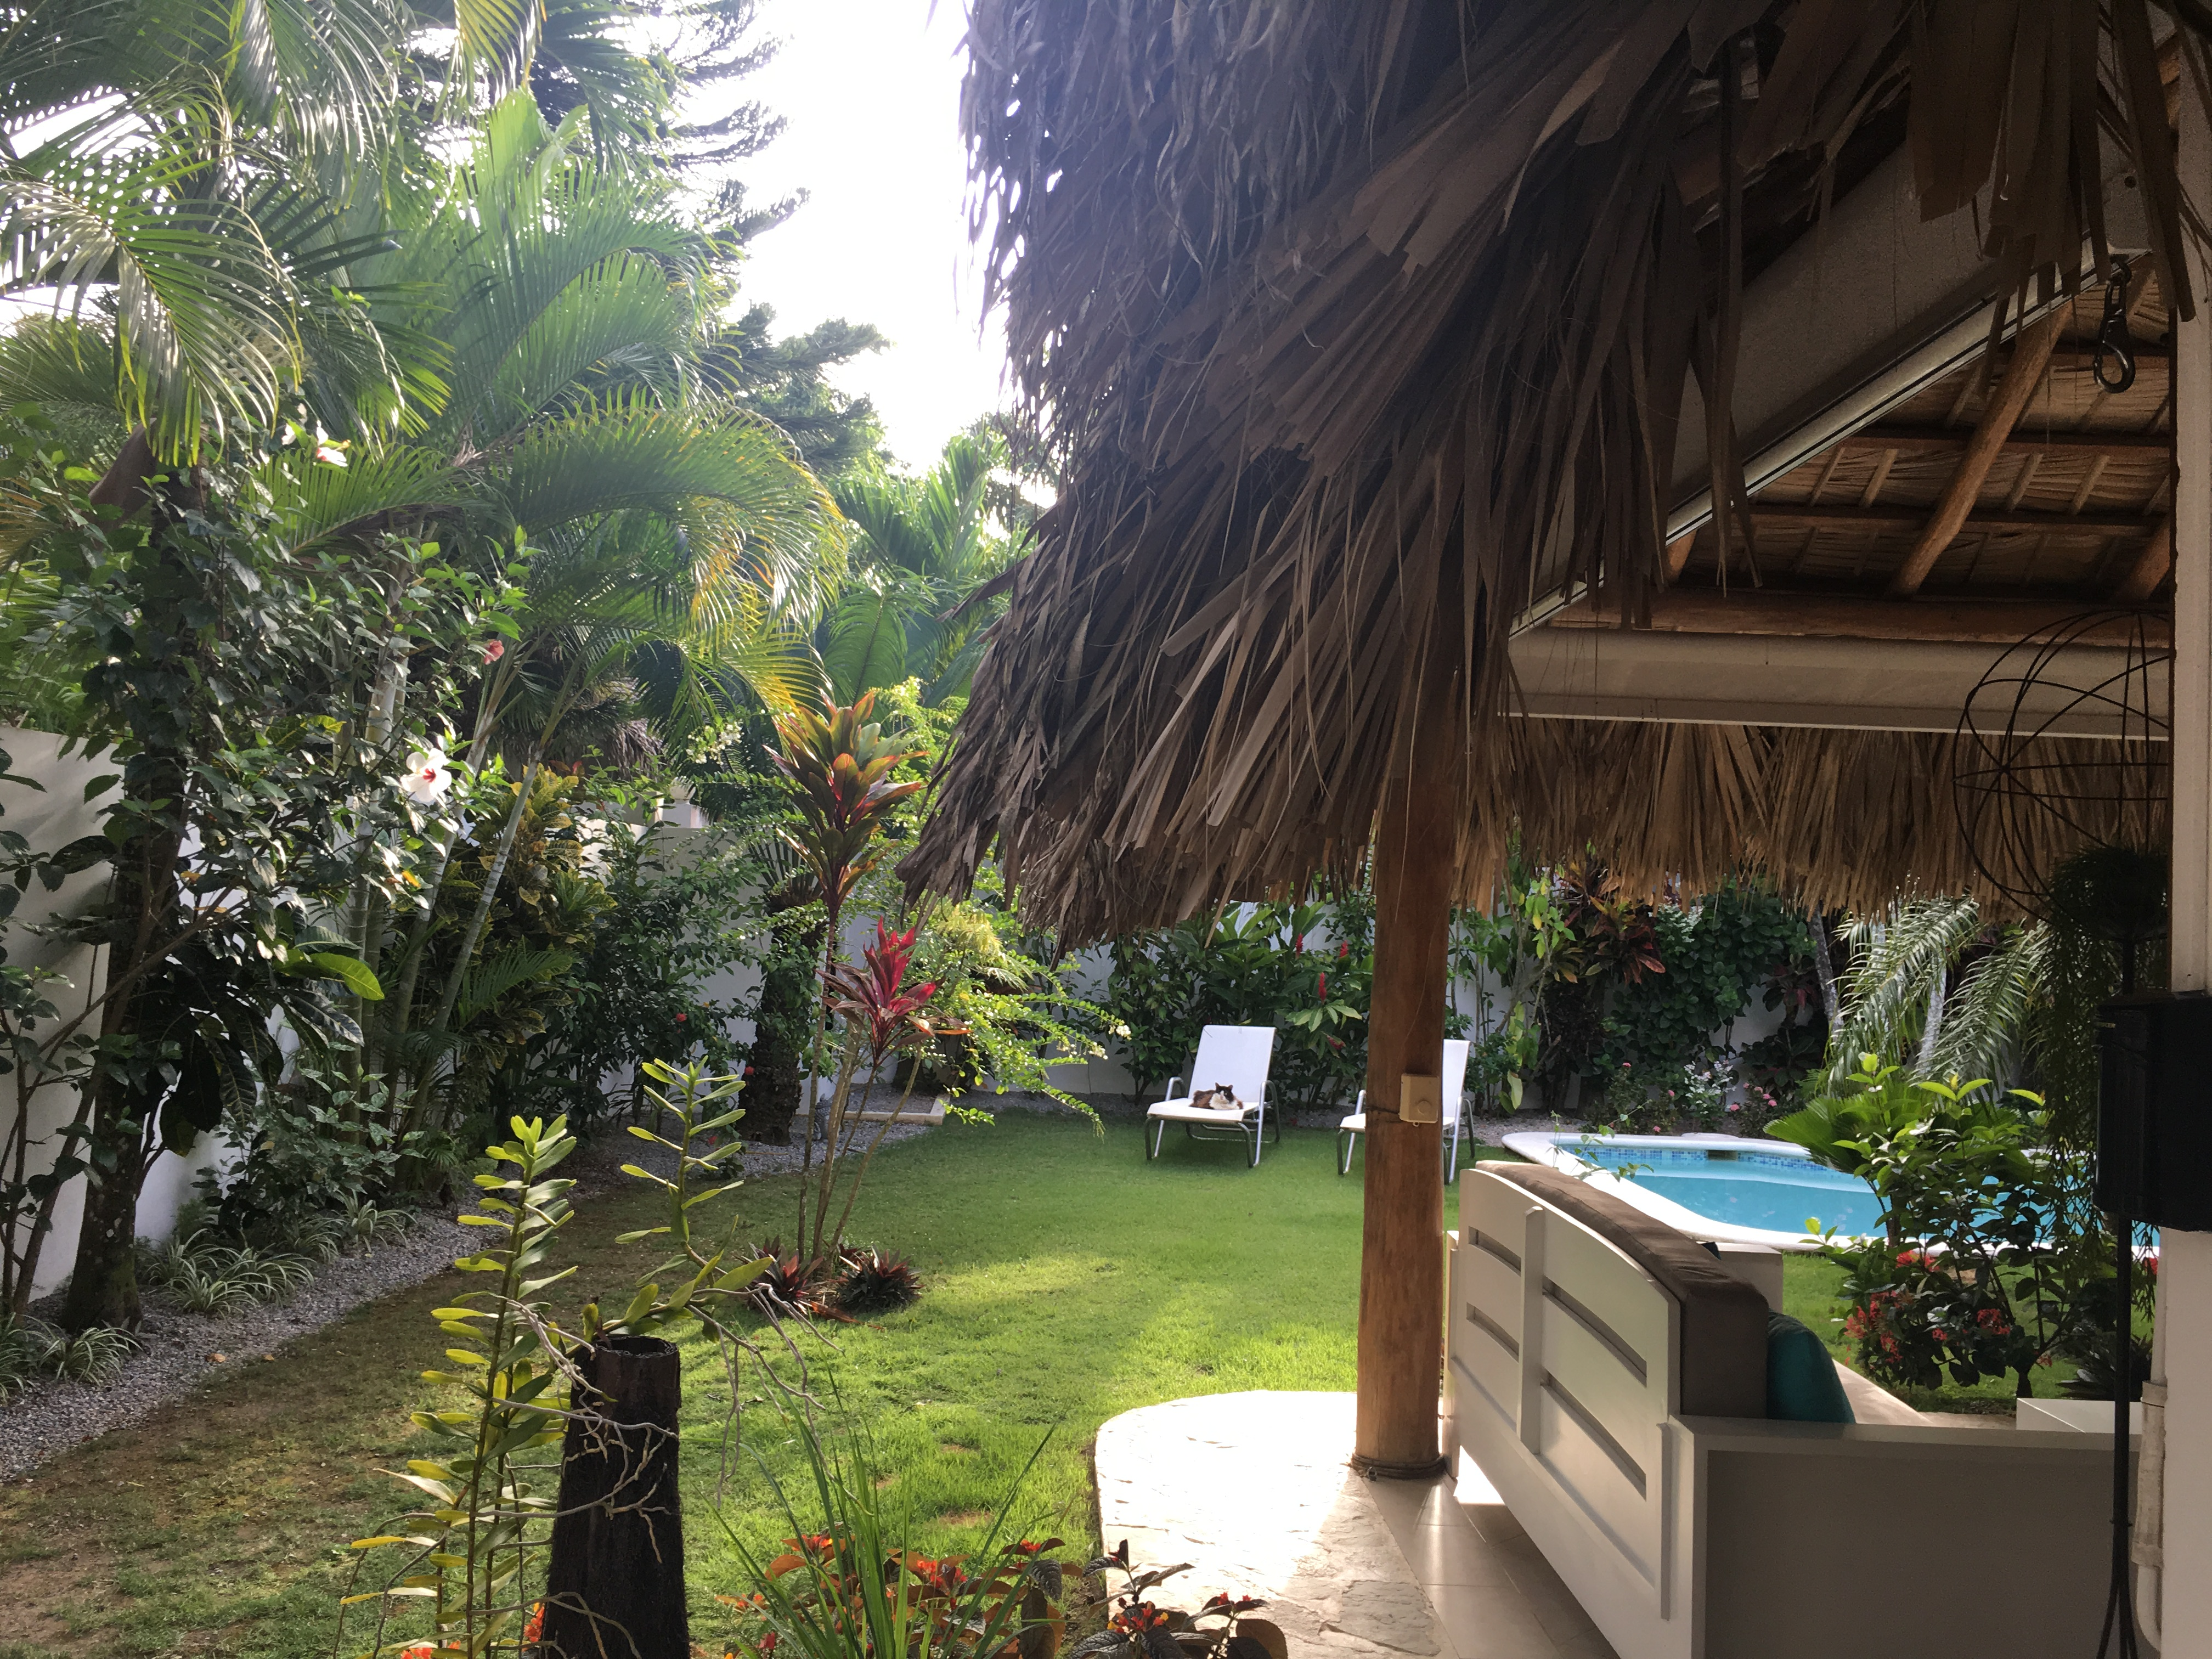 VILLAS FLORENZO - $319,000 USD - 3 BED 3 BATH VILLA, PRIVATE POOL & CASITA - C604LT